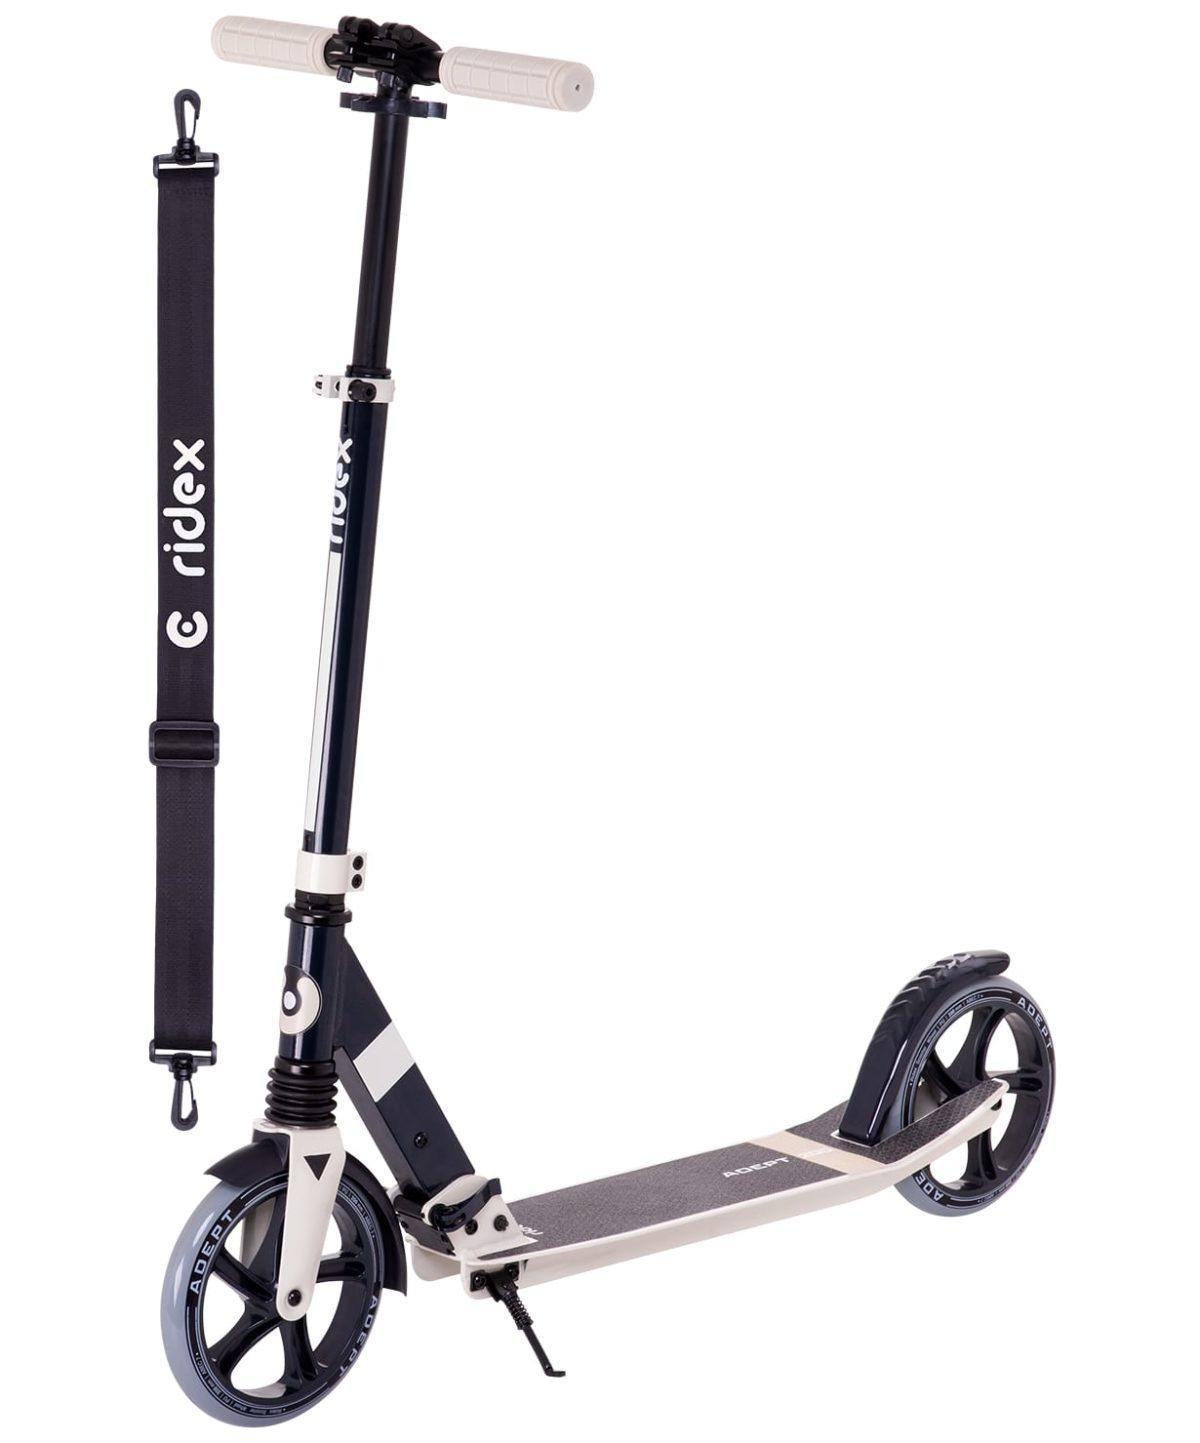 RIDEX Adept Cамокат 2-х колесный 200 мм  Adept: бежевый - 1